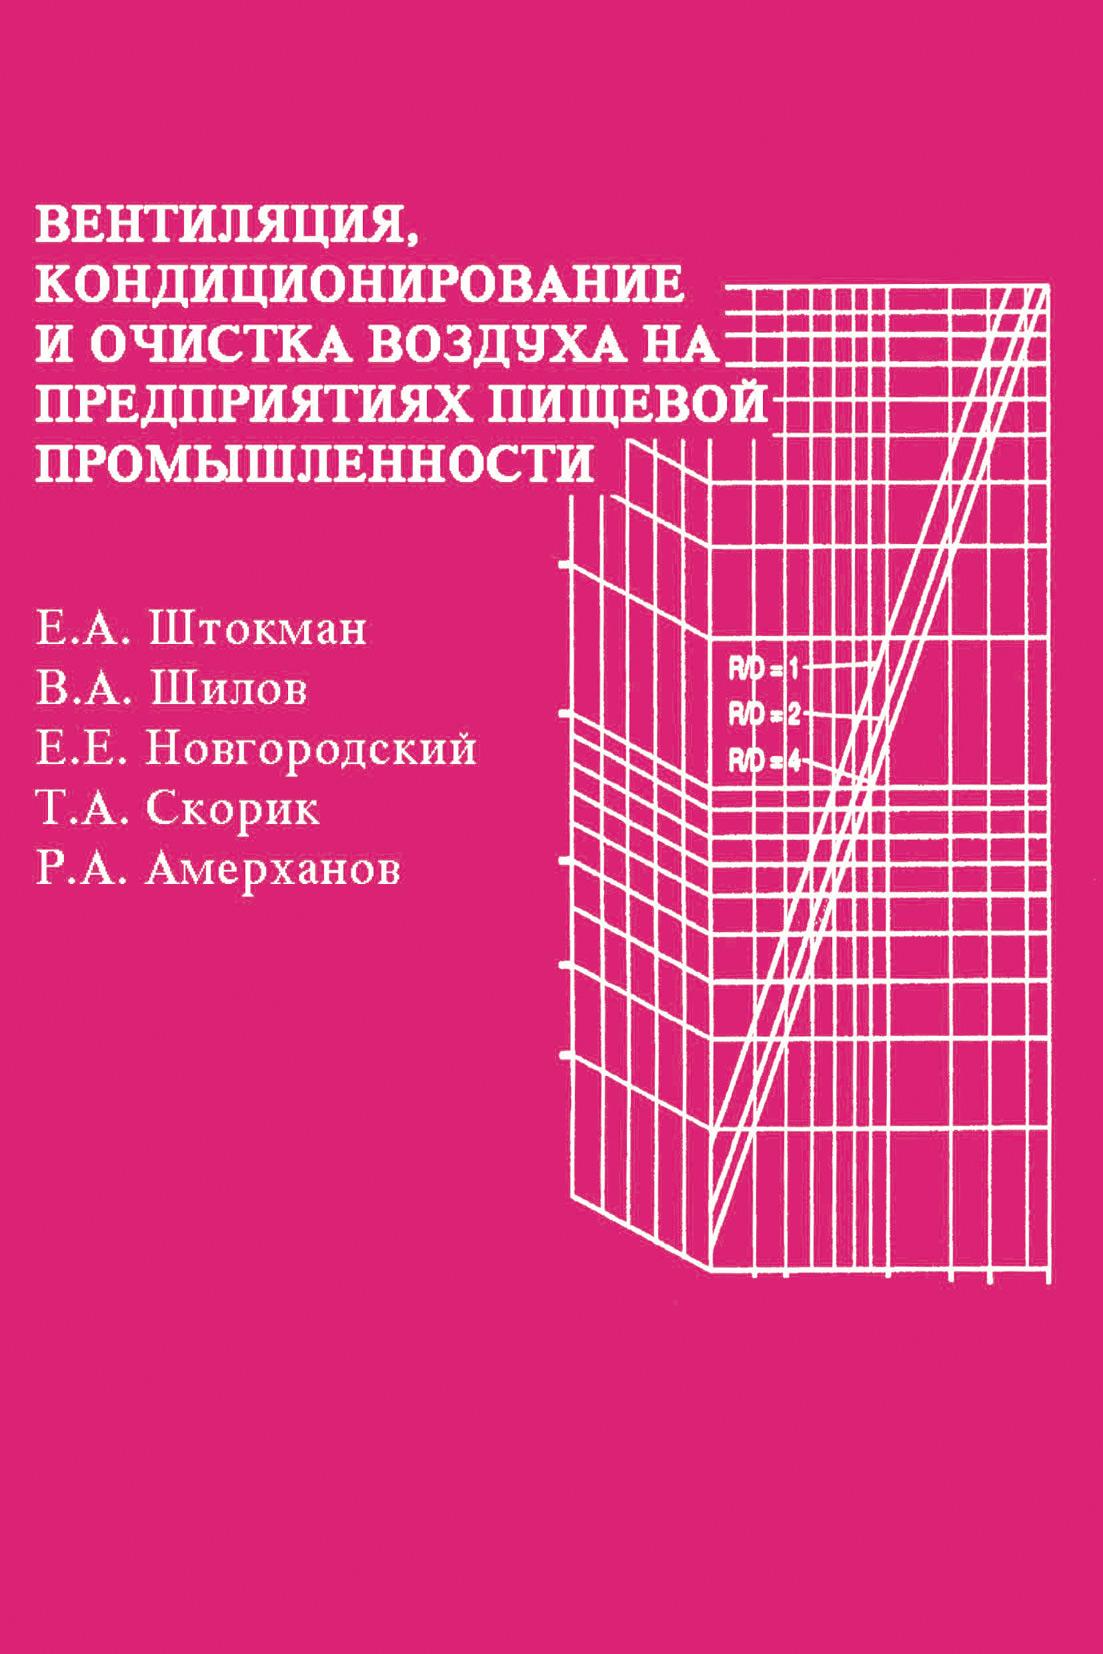 Коллектив авторов Вентиляция, кондиционирование и очистка воздуха на предприятиях пищевой промышленности